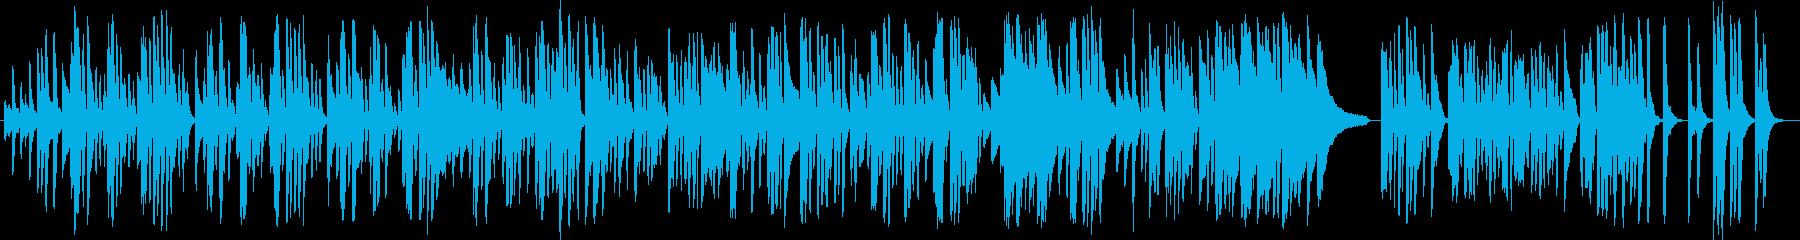 可愛らしい、転がるようなピアノ曲の再生済みの波形